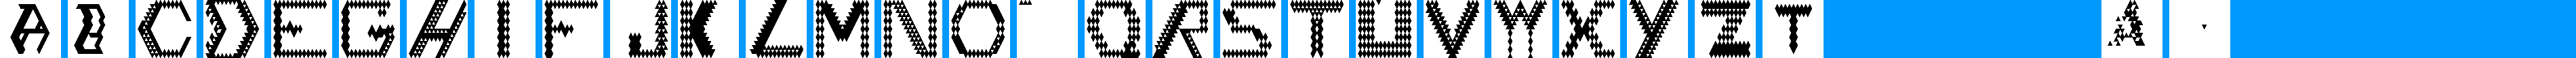 Particip-a-type v.186